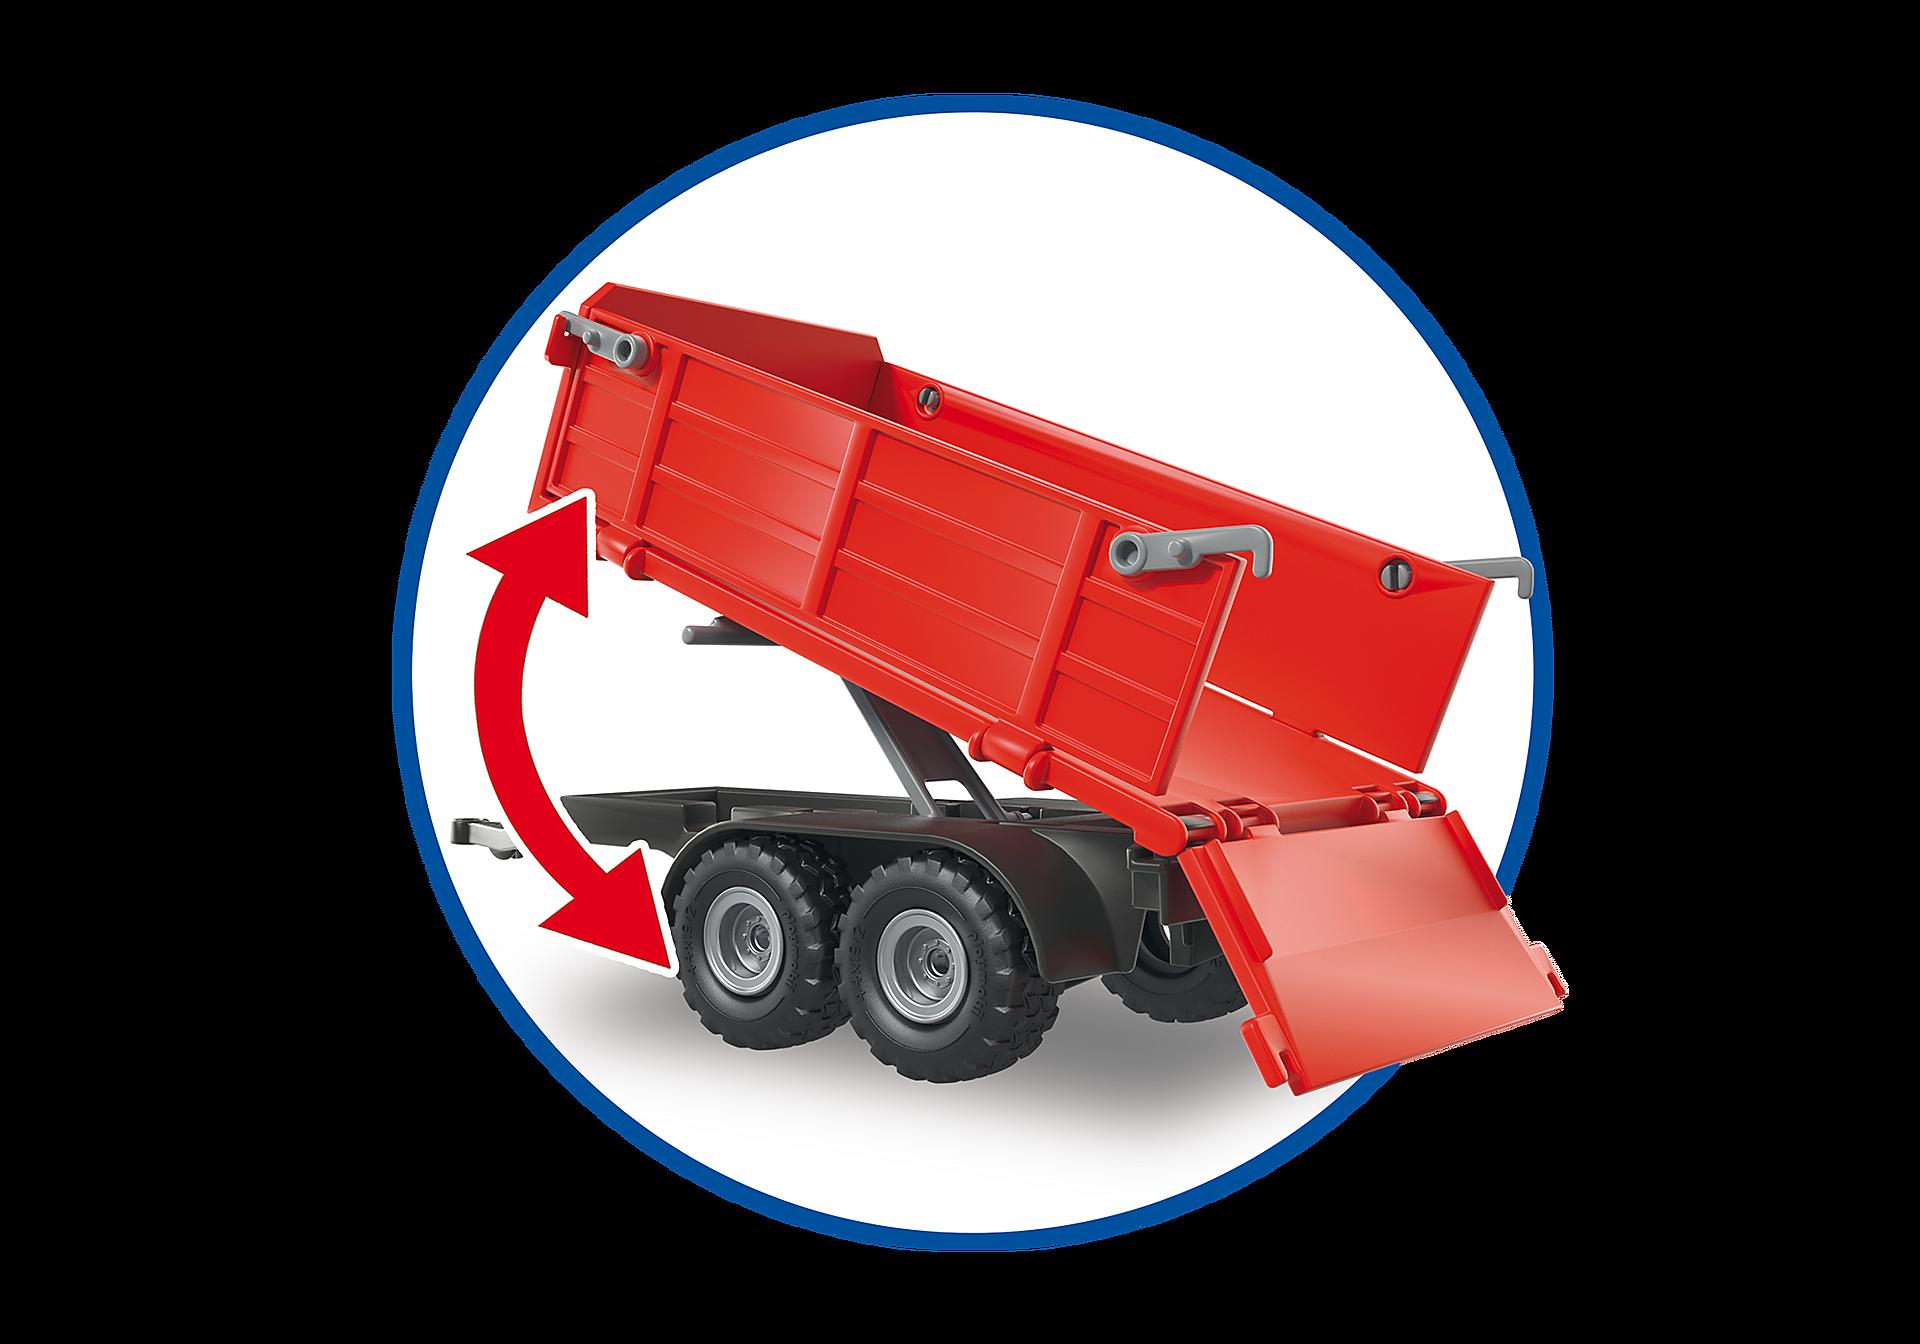 http://media.playmobil.com/i/playmobil/6130_product_extra4/Tractor met aanhangwagen